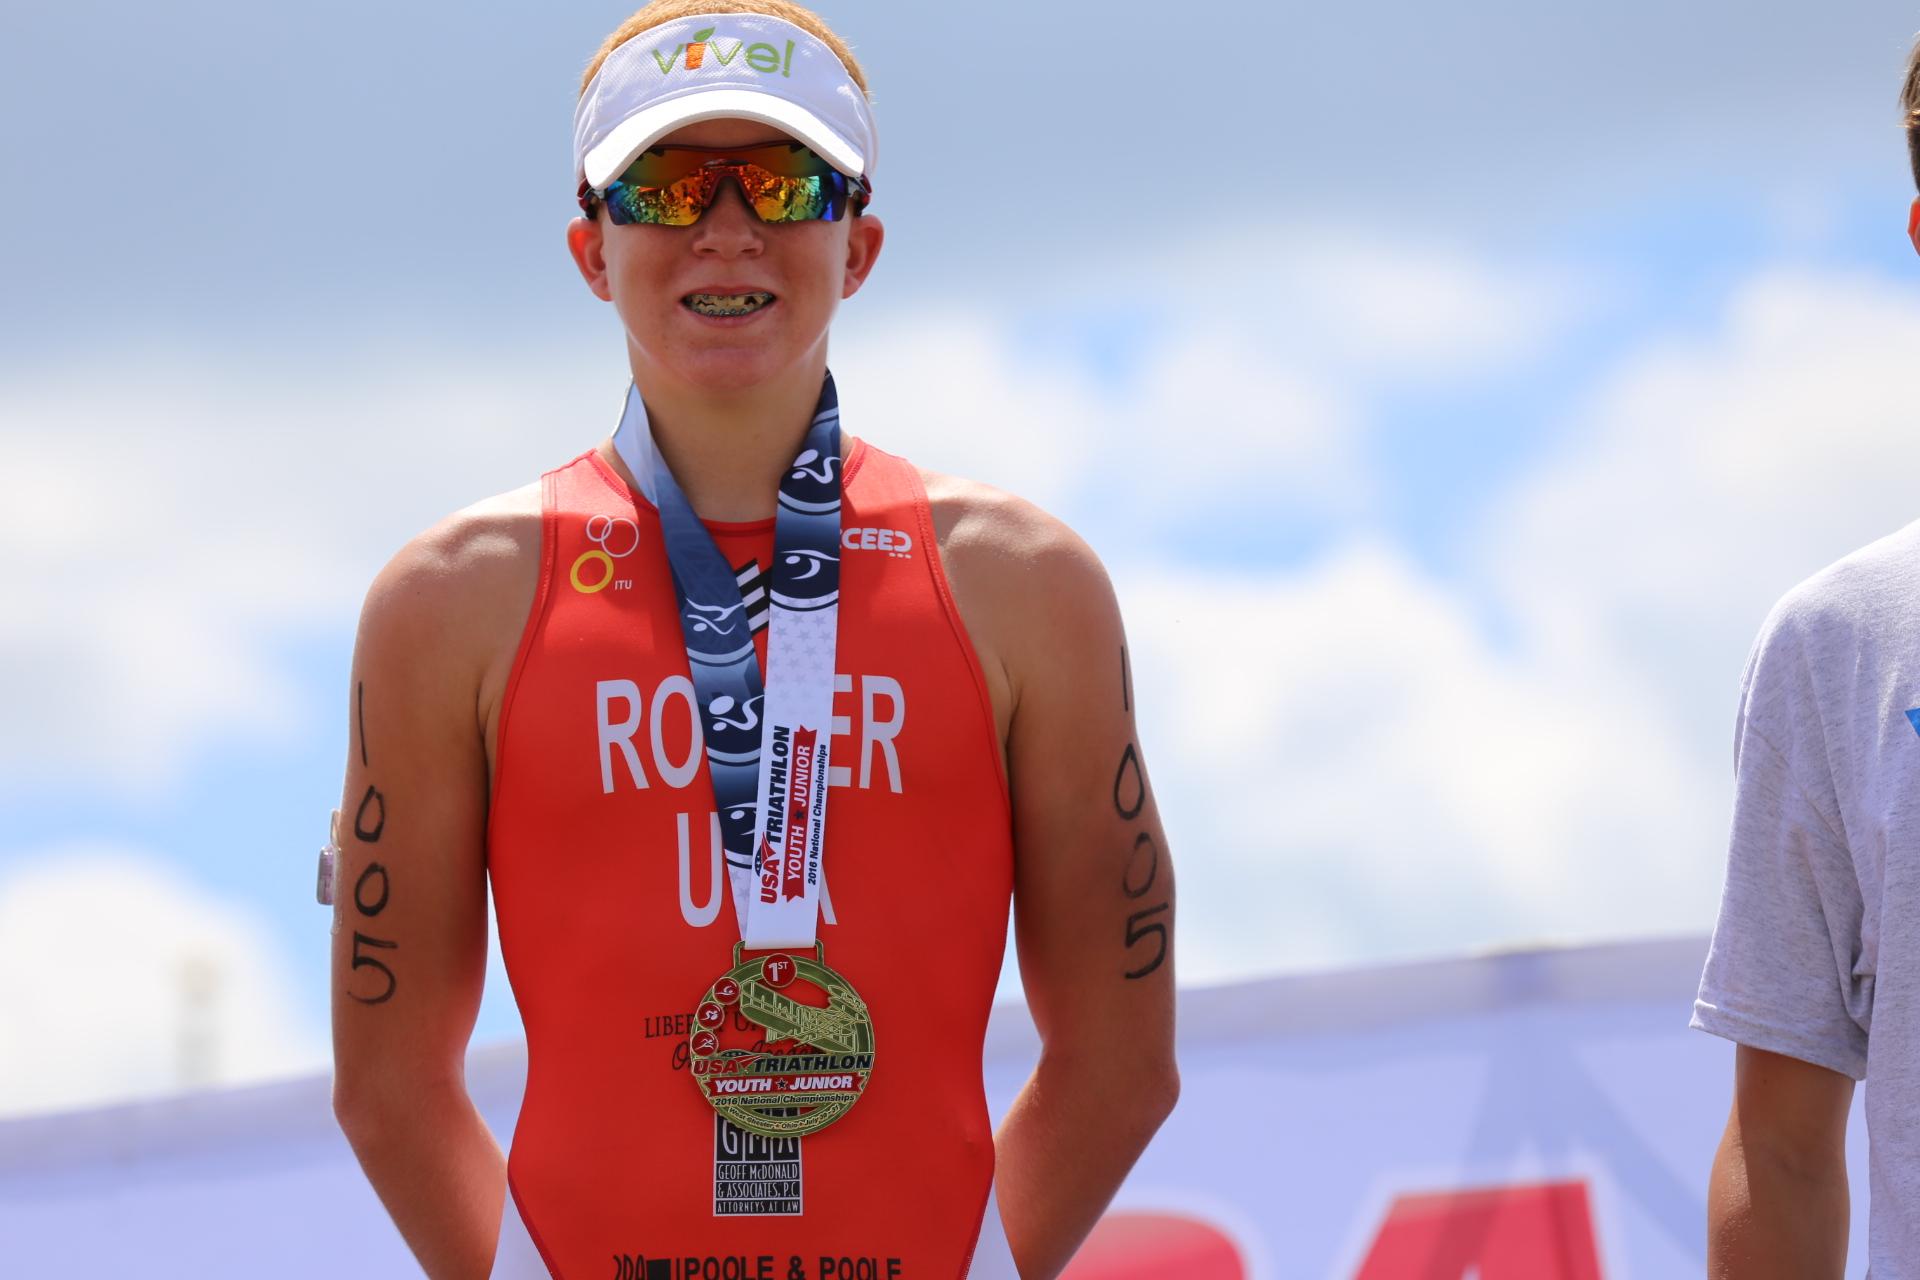 Luke Rosser - Oakland, FL - Triathlete